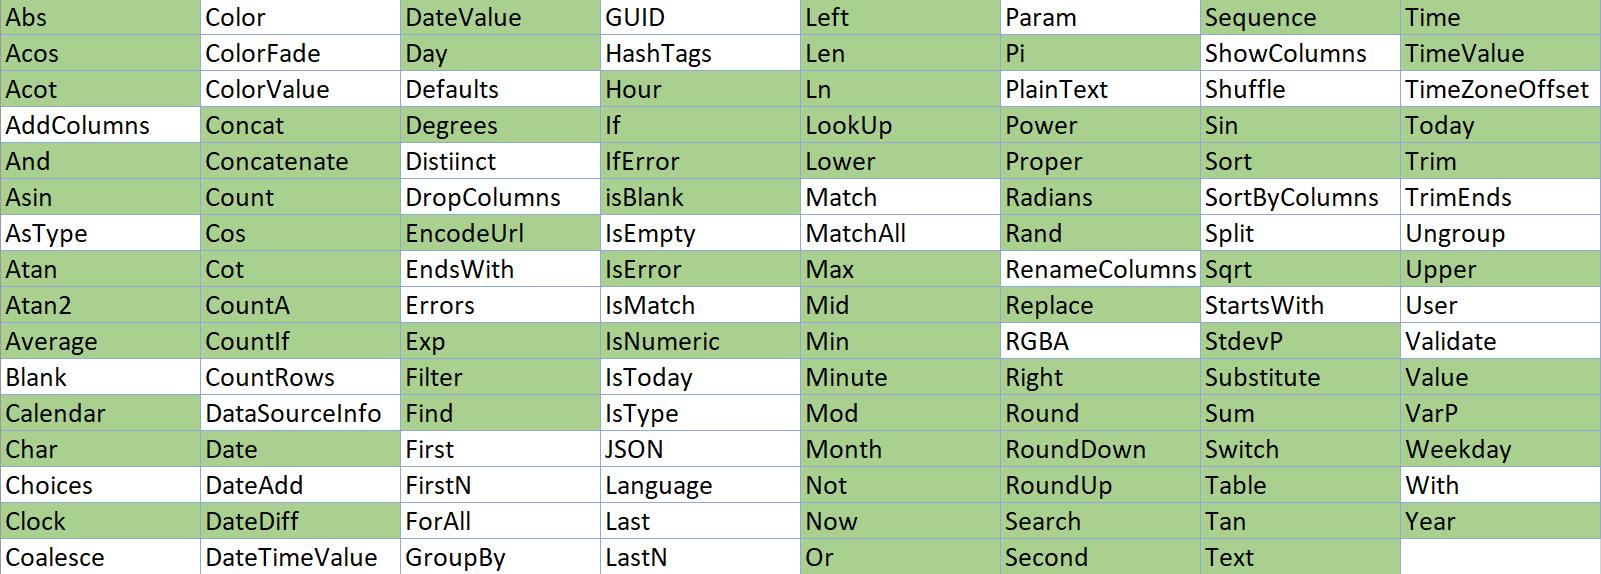 Screenshot zExcelu, na kterém je tabulka, ve které jsou ukázány funkce zExcelu uplatňující se vPower Fx